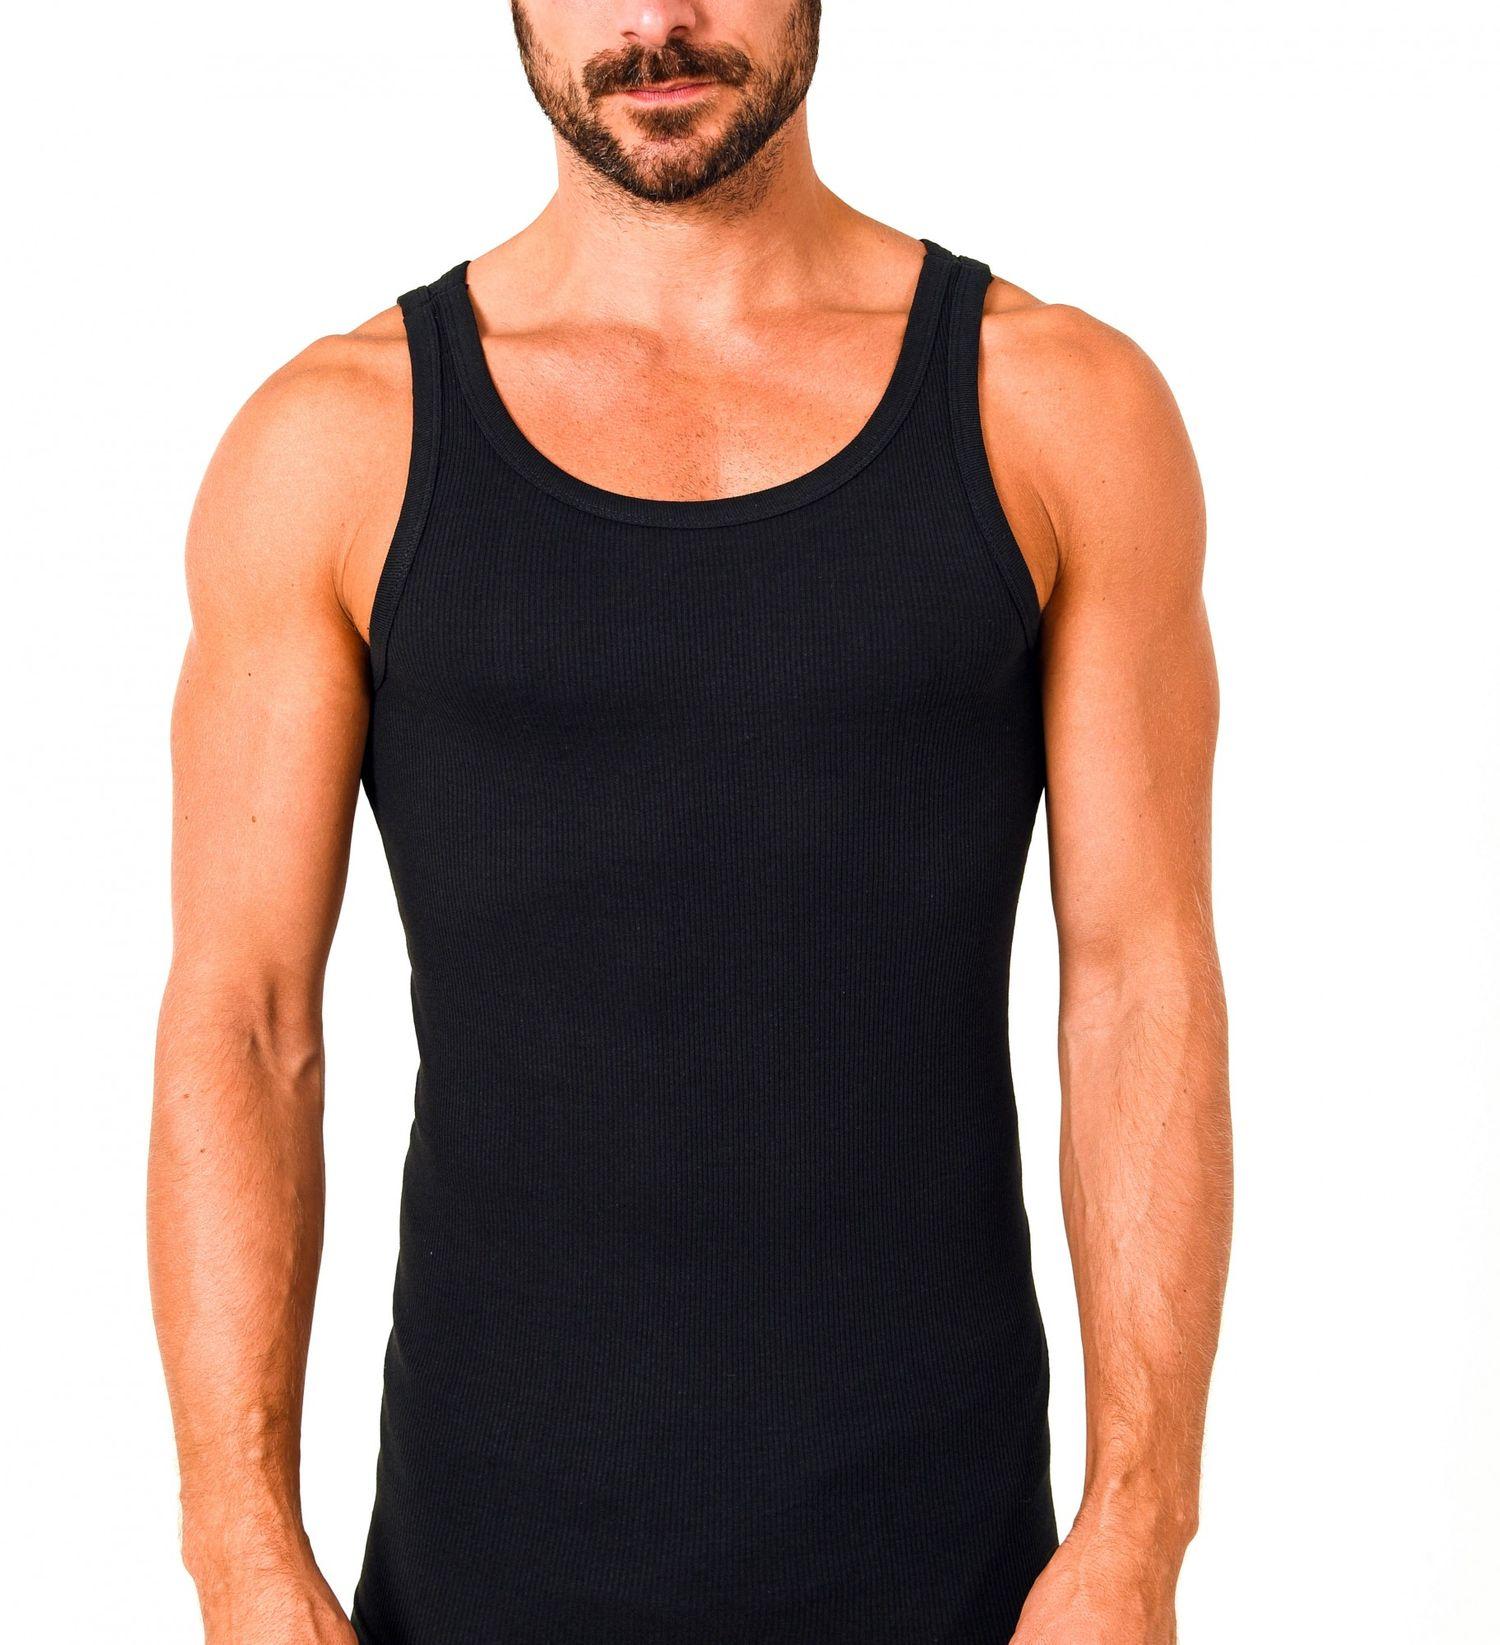 10403 Herren Achselhemd 2erpack in schwarz Feinripp Unterhemd  aus 100 % Baumwolle